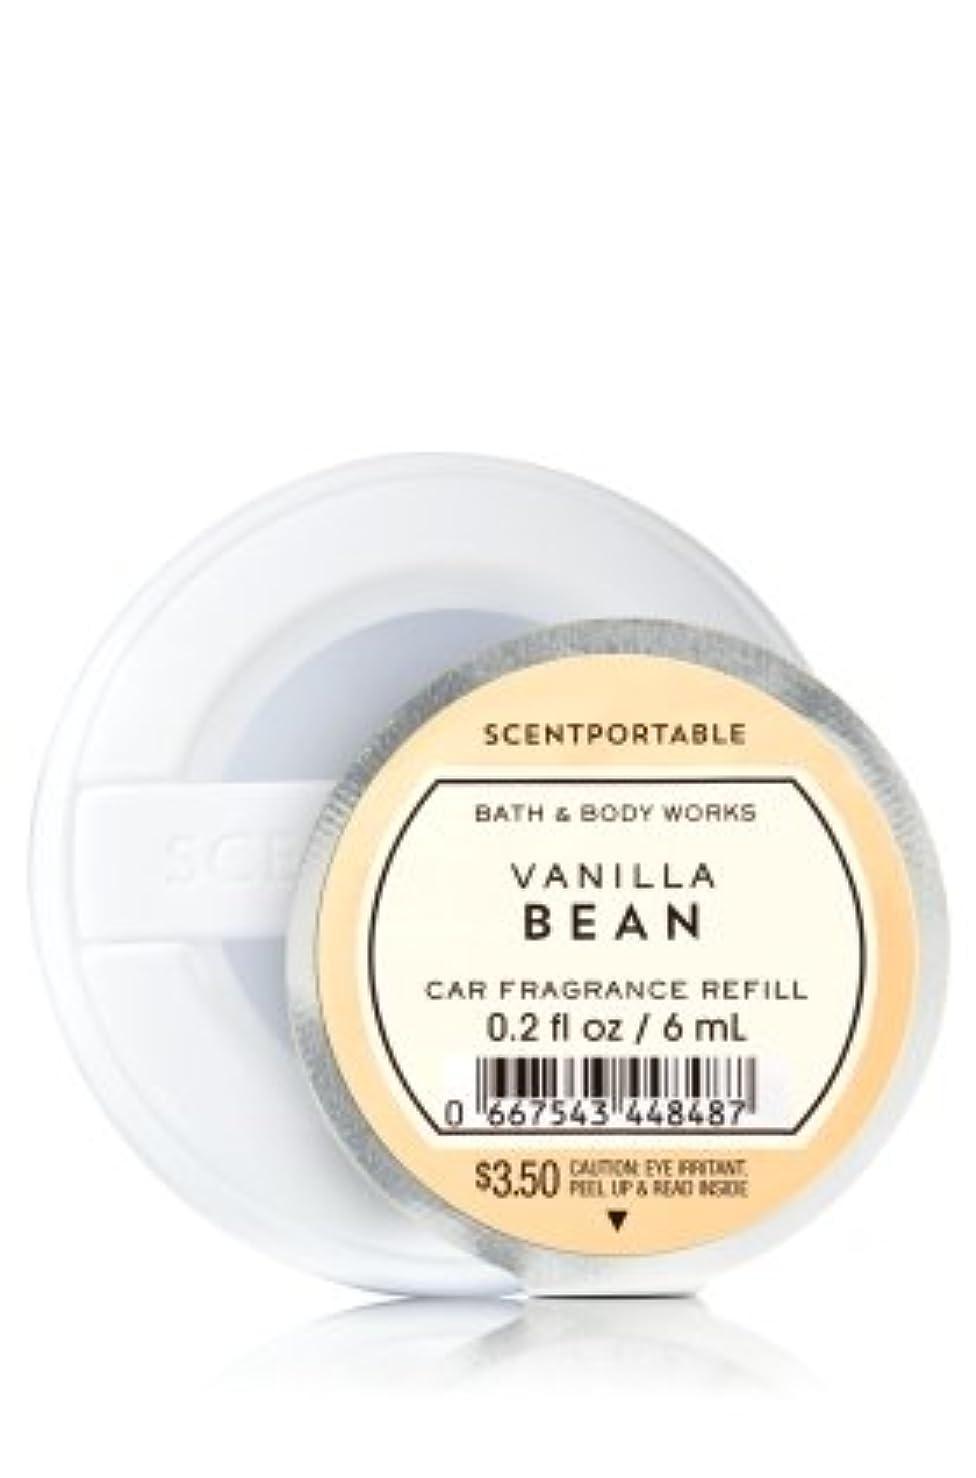 解決小康今晩【Bath&Body Works/バス&ボディワークス】 クリップ式芳香剤 セントポータブル詰替えリフィル バニラビーン Scentportable Fragrance Refill Vanilla Bean [並行輸入品]